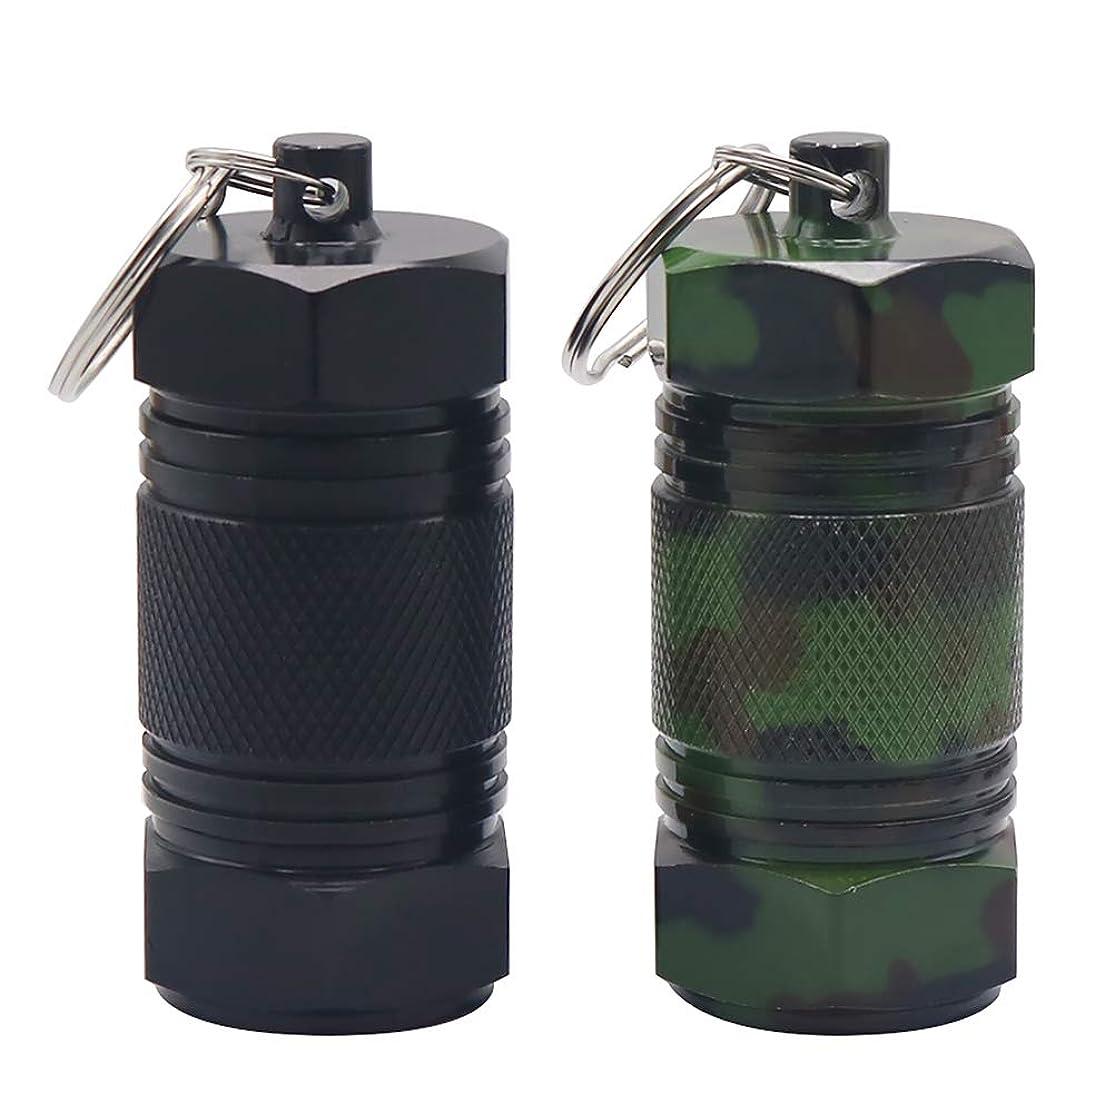 ふさわしい初期太字Tenn Well ピルケース, 2個入り アルミ合金製 防水 薬ケース アウトドア 携帯灰皿として